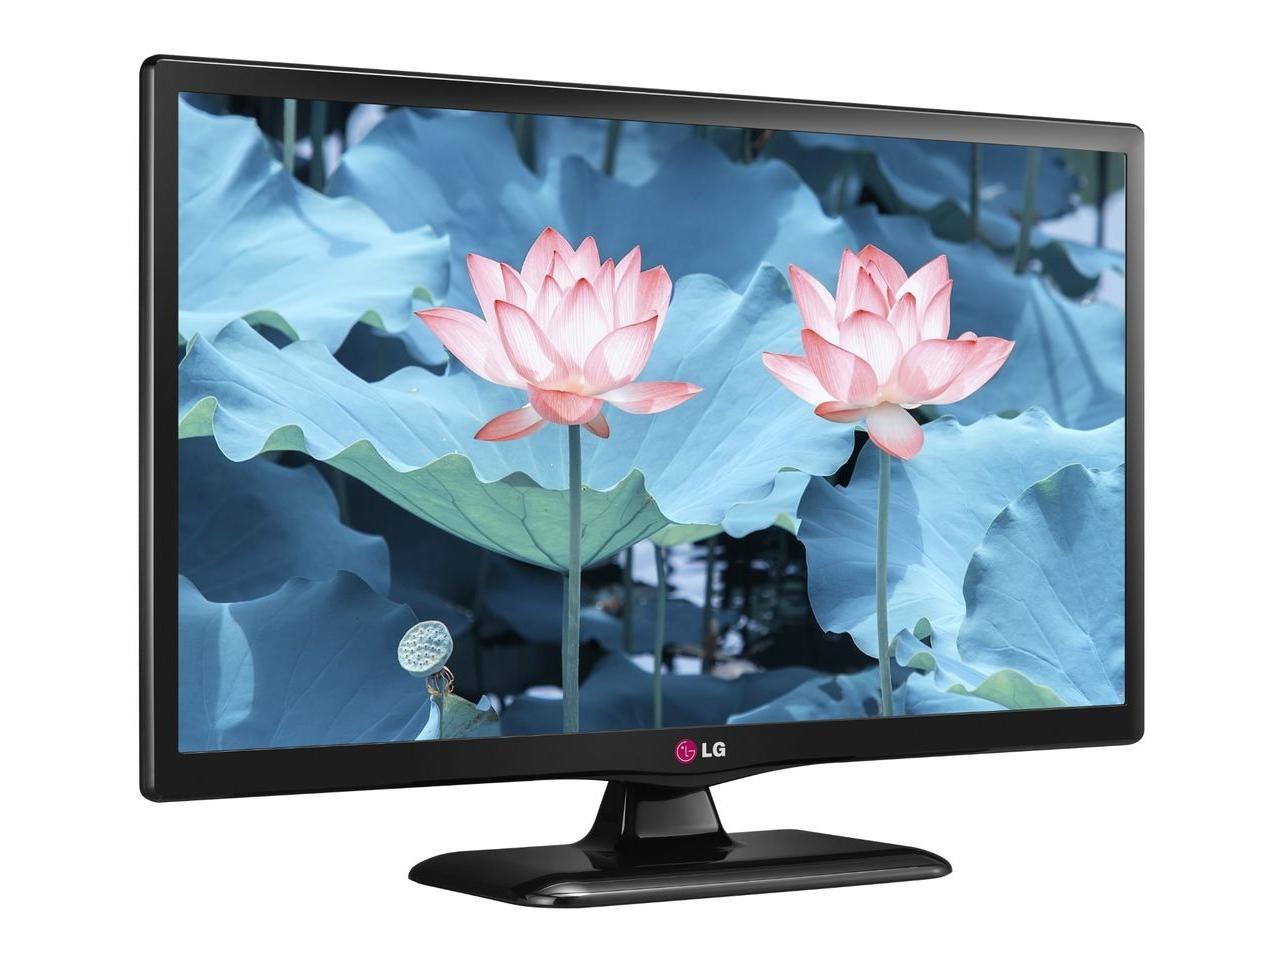 LG 29MT44D, 72cm, DVB-T/C, HDMI, HD, USB